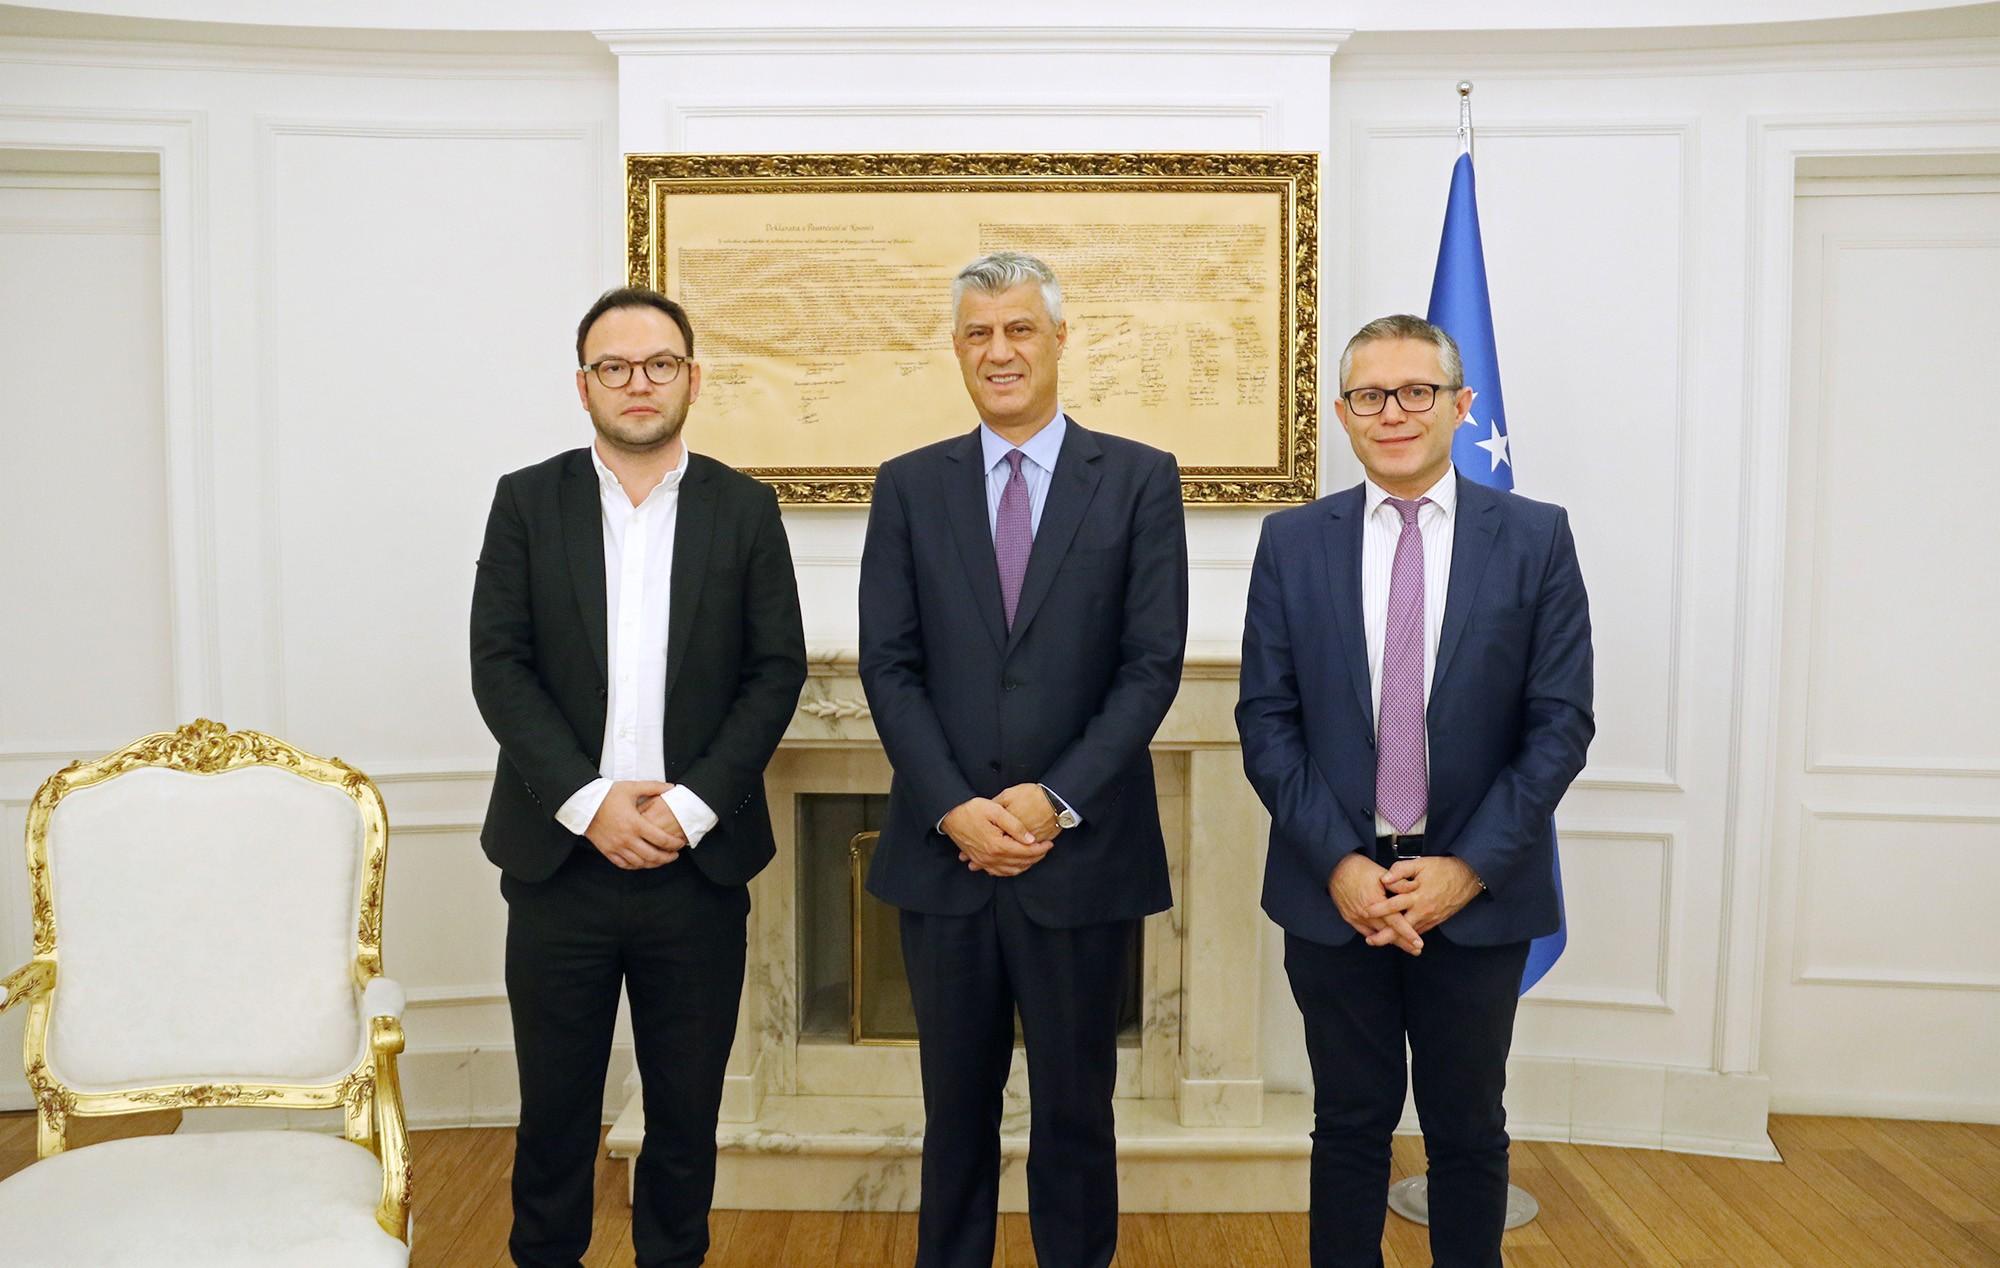 Κοσσυφοπέδιο: Thaçi και Haradinaj διόρισαν τον Διευθυντή και τον Γενικό Επιθεωρητή της Υπηρεσίας Πληροφοριών